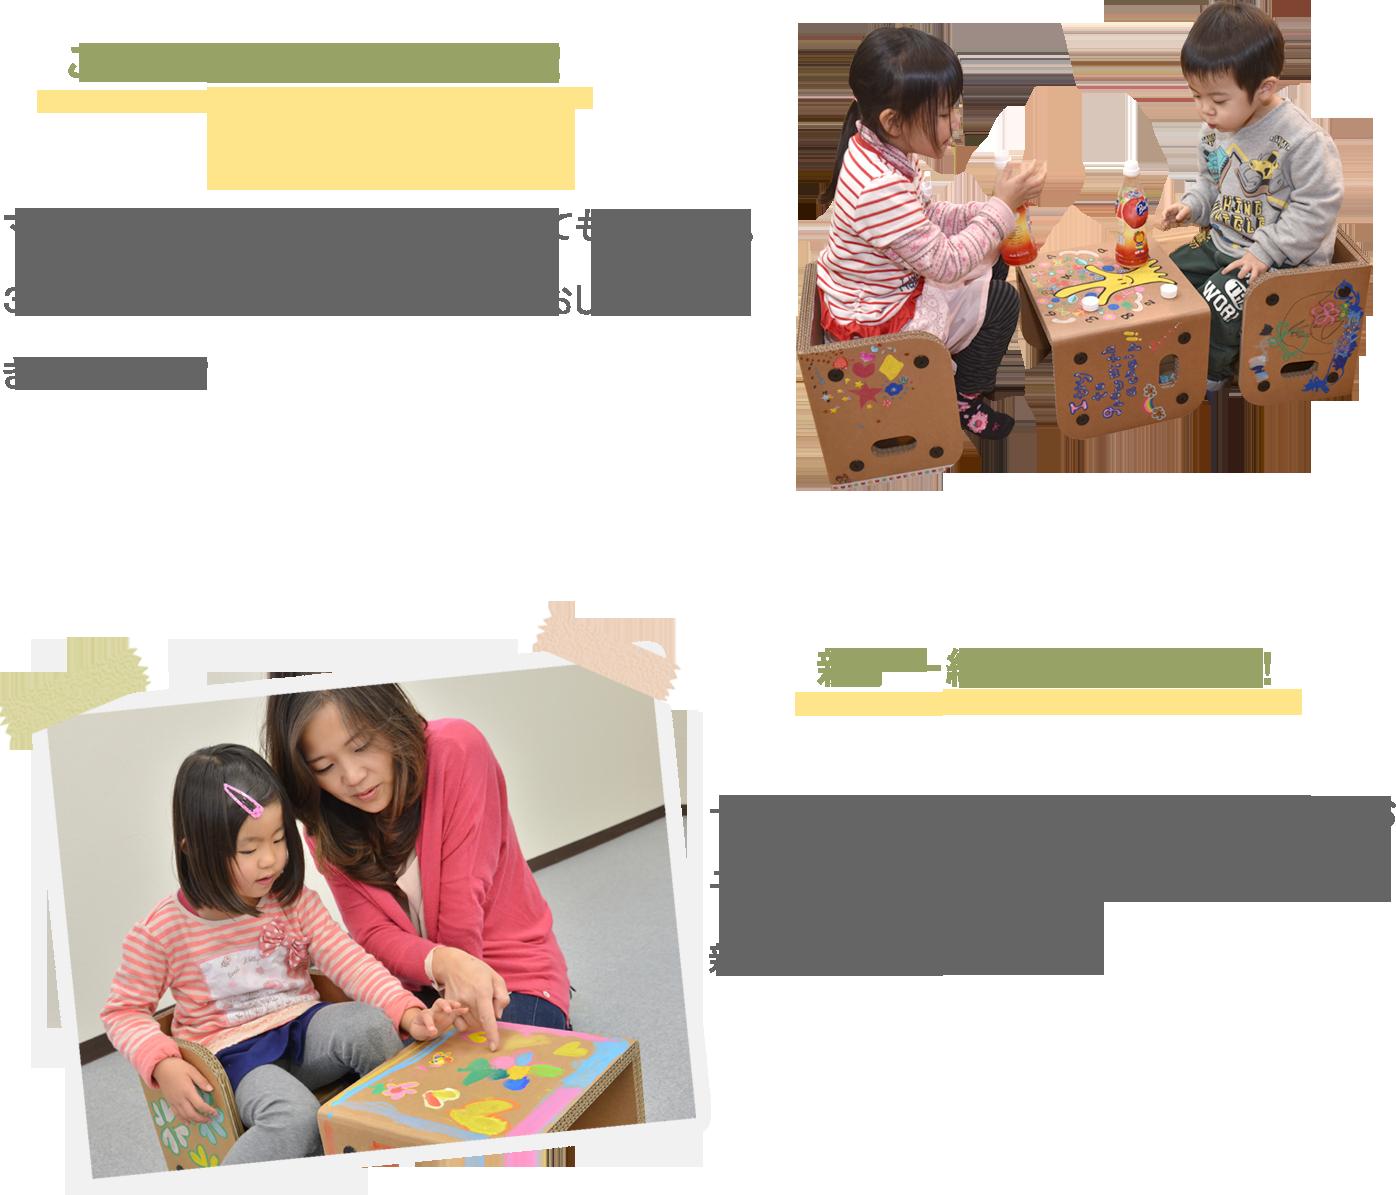 こんな使い方もできます マルチキッズチェアは、テーブルとしても使えます。3つあれば、兄弟姉妹やお友達とのおしゃべりもきっと楽しい! 親子と一緒に創造タイム 一緒に組み立てたり、一緒に絵を描いたり。お子様にとっても創造的な時間は刺激的です。親子で楽しんでください